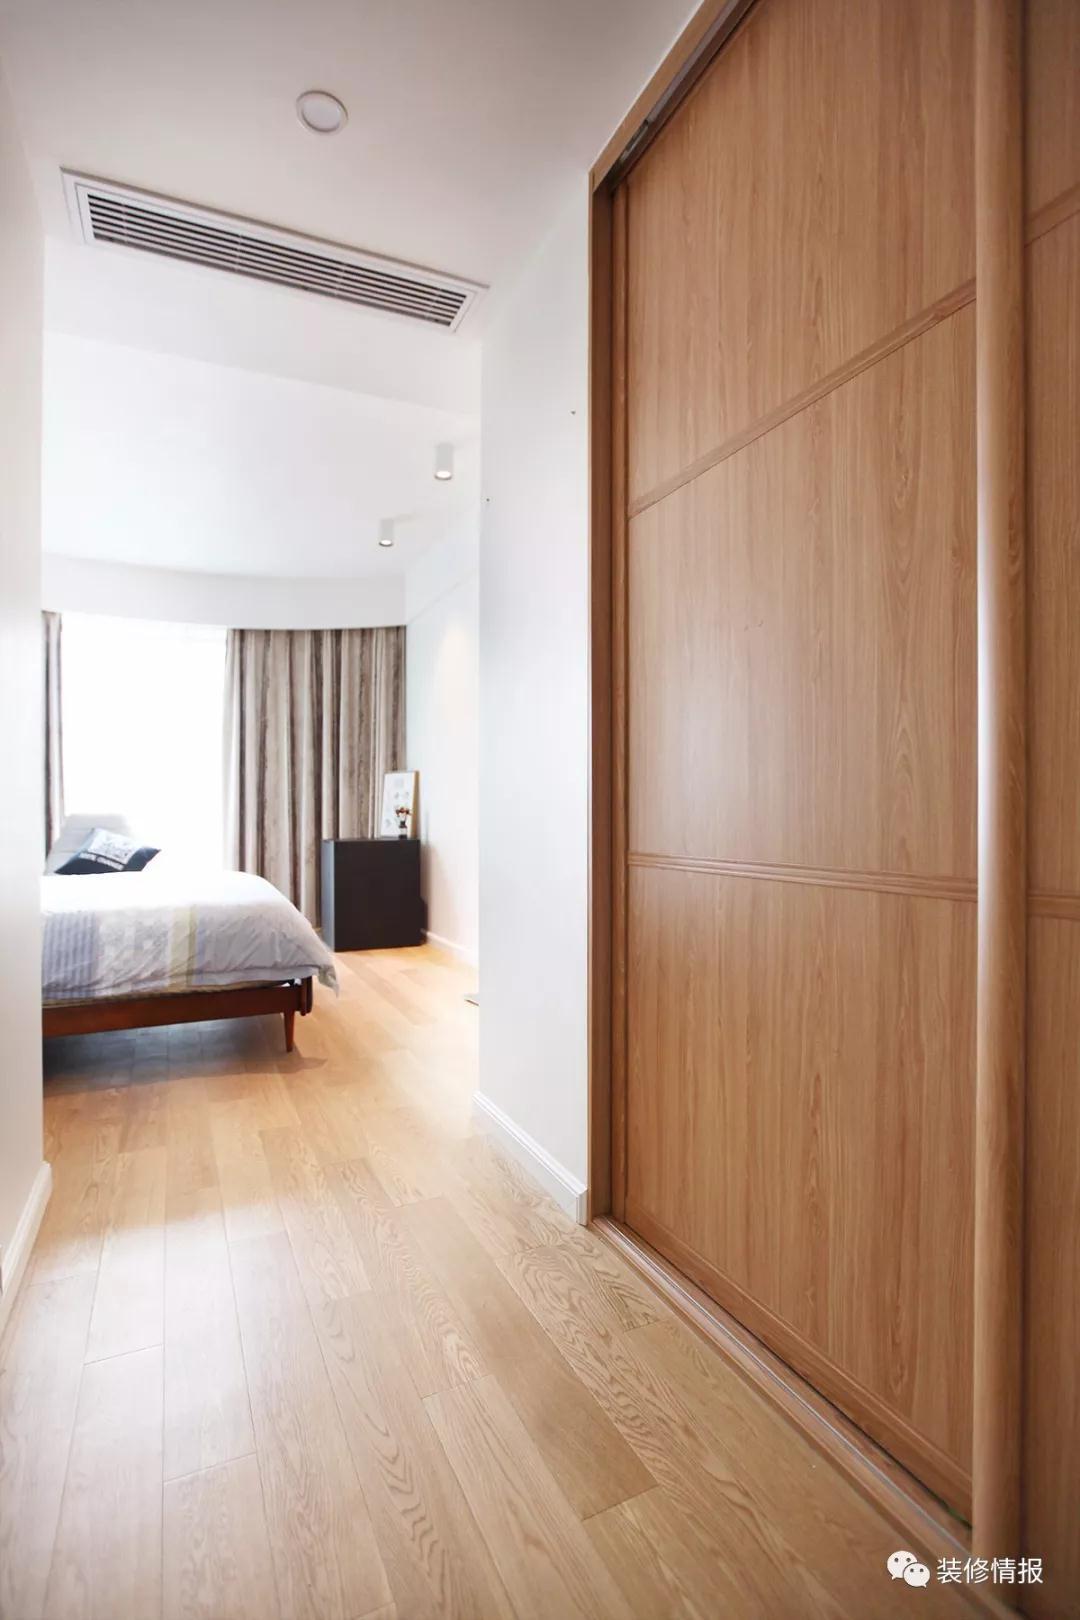 卧室入口隐形的大衣柜,推拉门,不占空间收纳非常足,全屋木制定制的